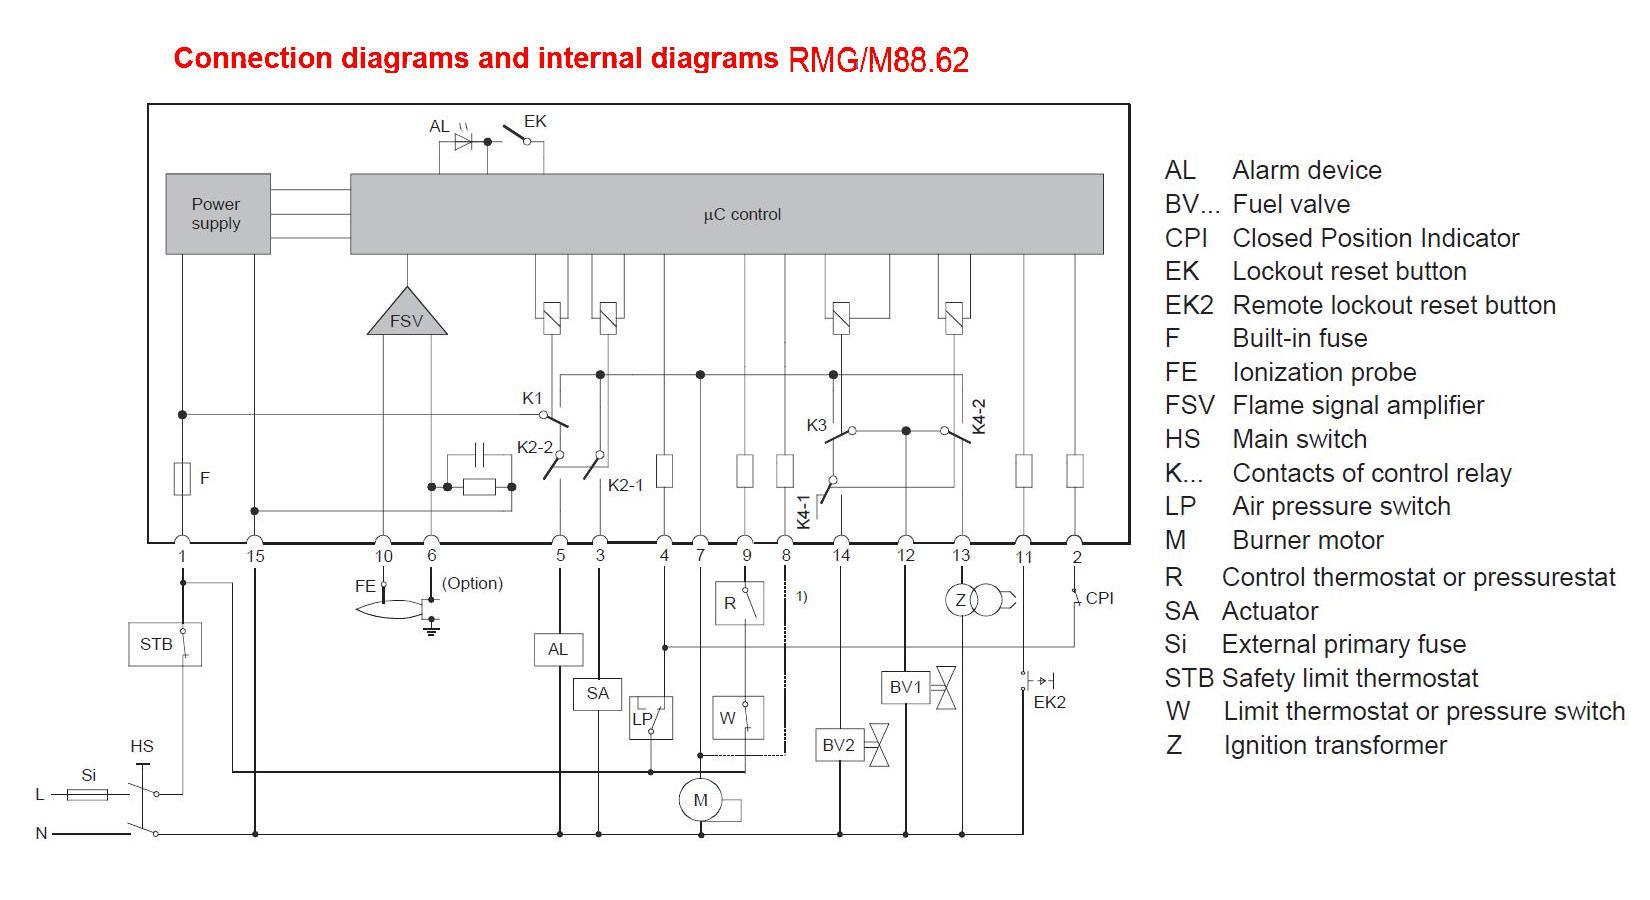 SIEMENS RMG/M88.62 SCHEMA_ELECTRICA